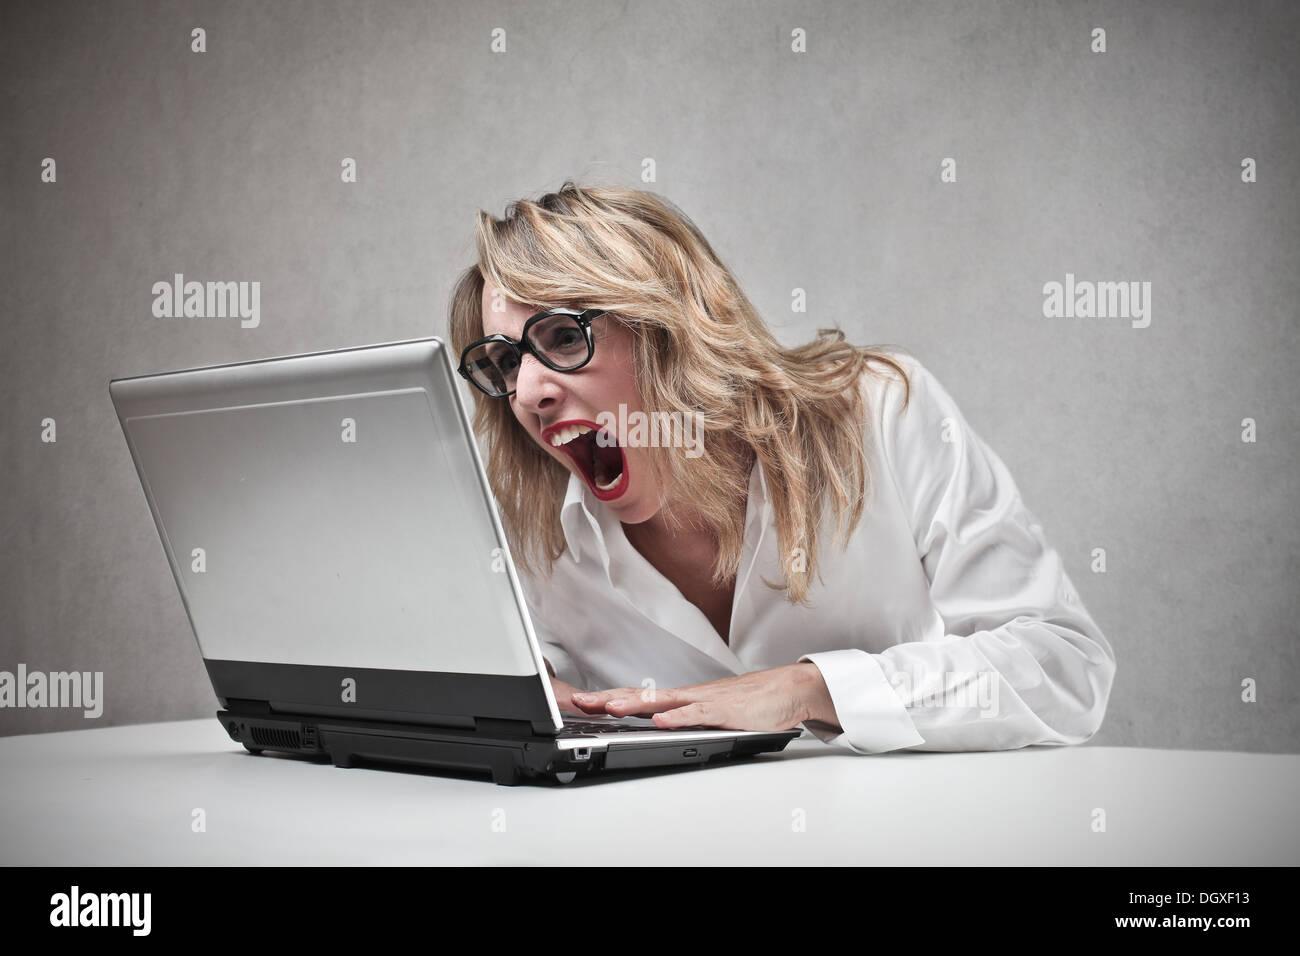 Enojado mujer rubia gritando contra un portátil Imagen De Stock